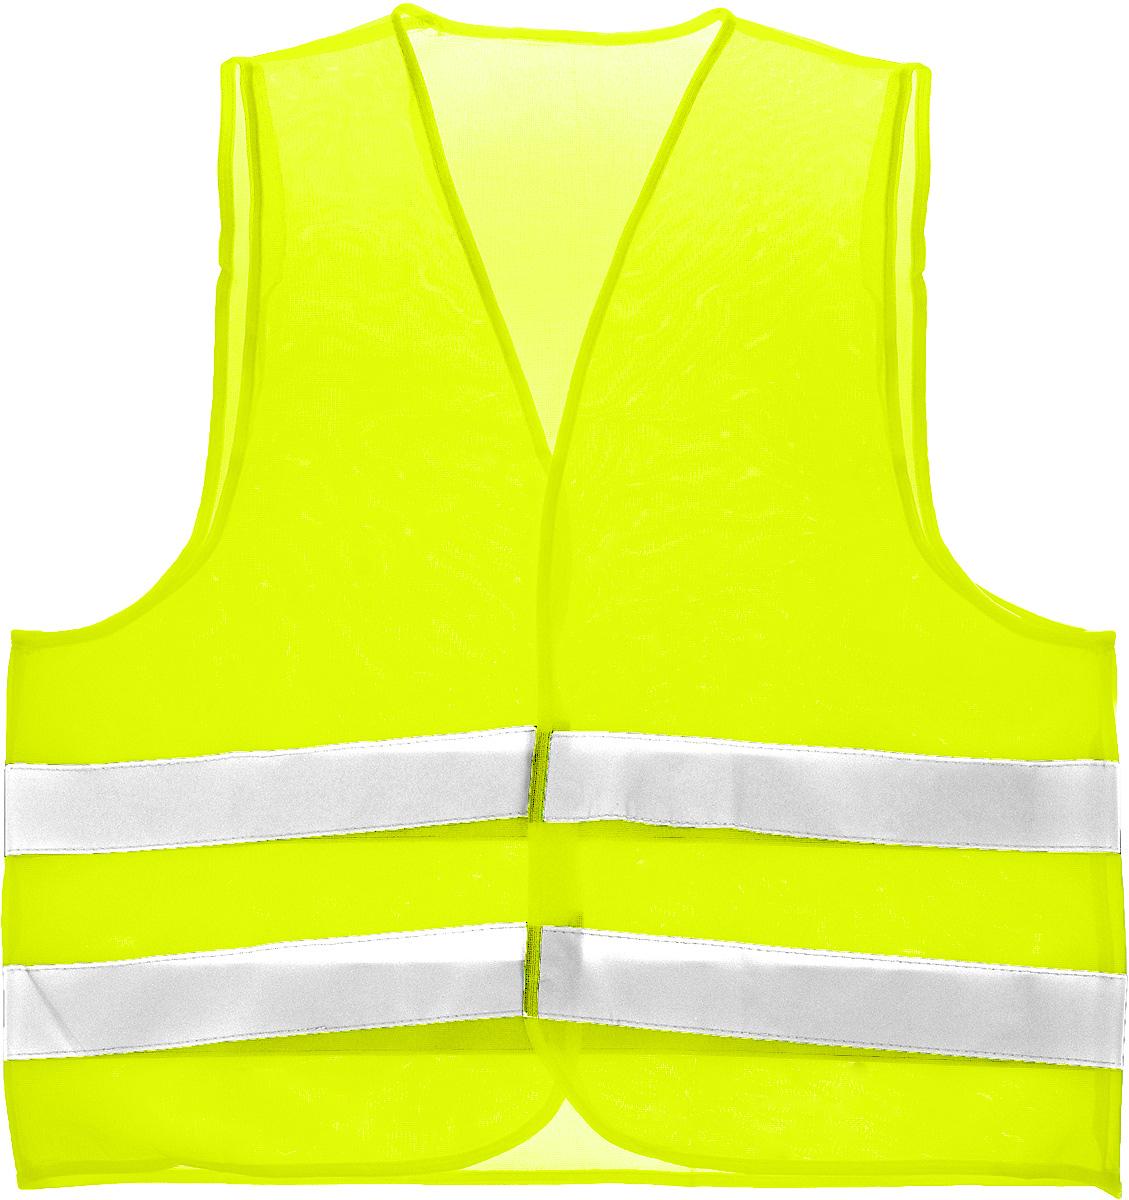 Жилет светоотражающий Rexxon, цвет: салатовый. Размер XLWT-CD37Светоотражающий жилет Rexxon обеспечит безопасную идентификацию людей, находящихся на проезжей части дороги. Жилет выполнен из 100% сетчатого полиэстера. Застегивается на липучки.С 1 июля 2015 года ношение светоотражателей вне населенных пунктов является обязательным для пешеходов! Мы рекомендуем носить их и в городе! Для безопасности и сохранения жизни!